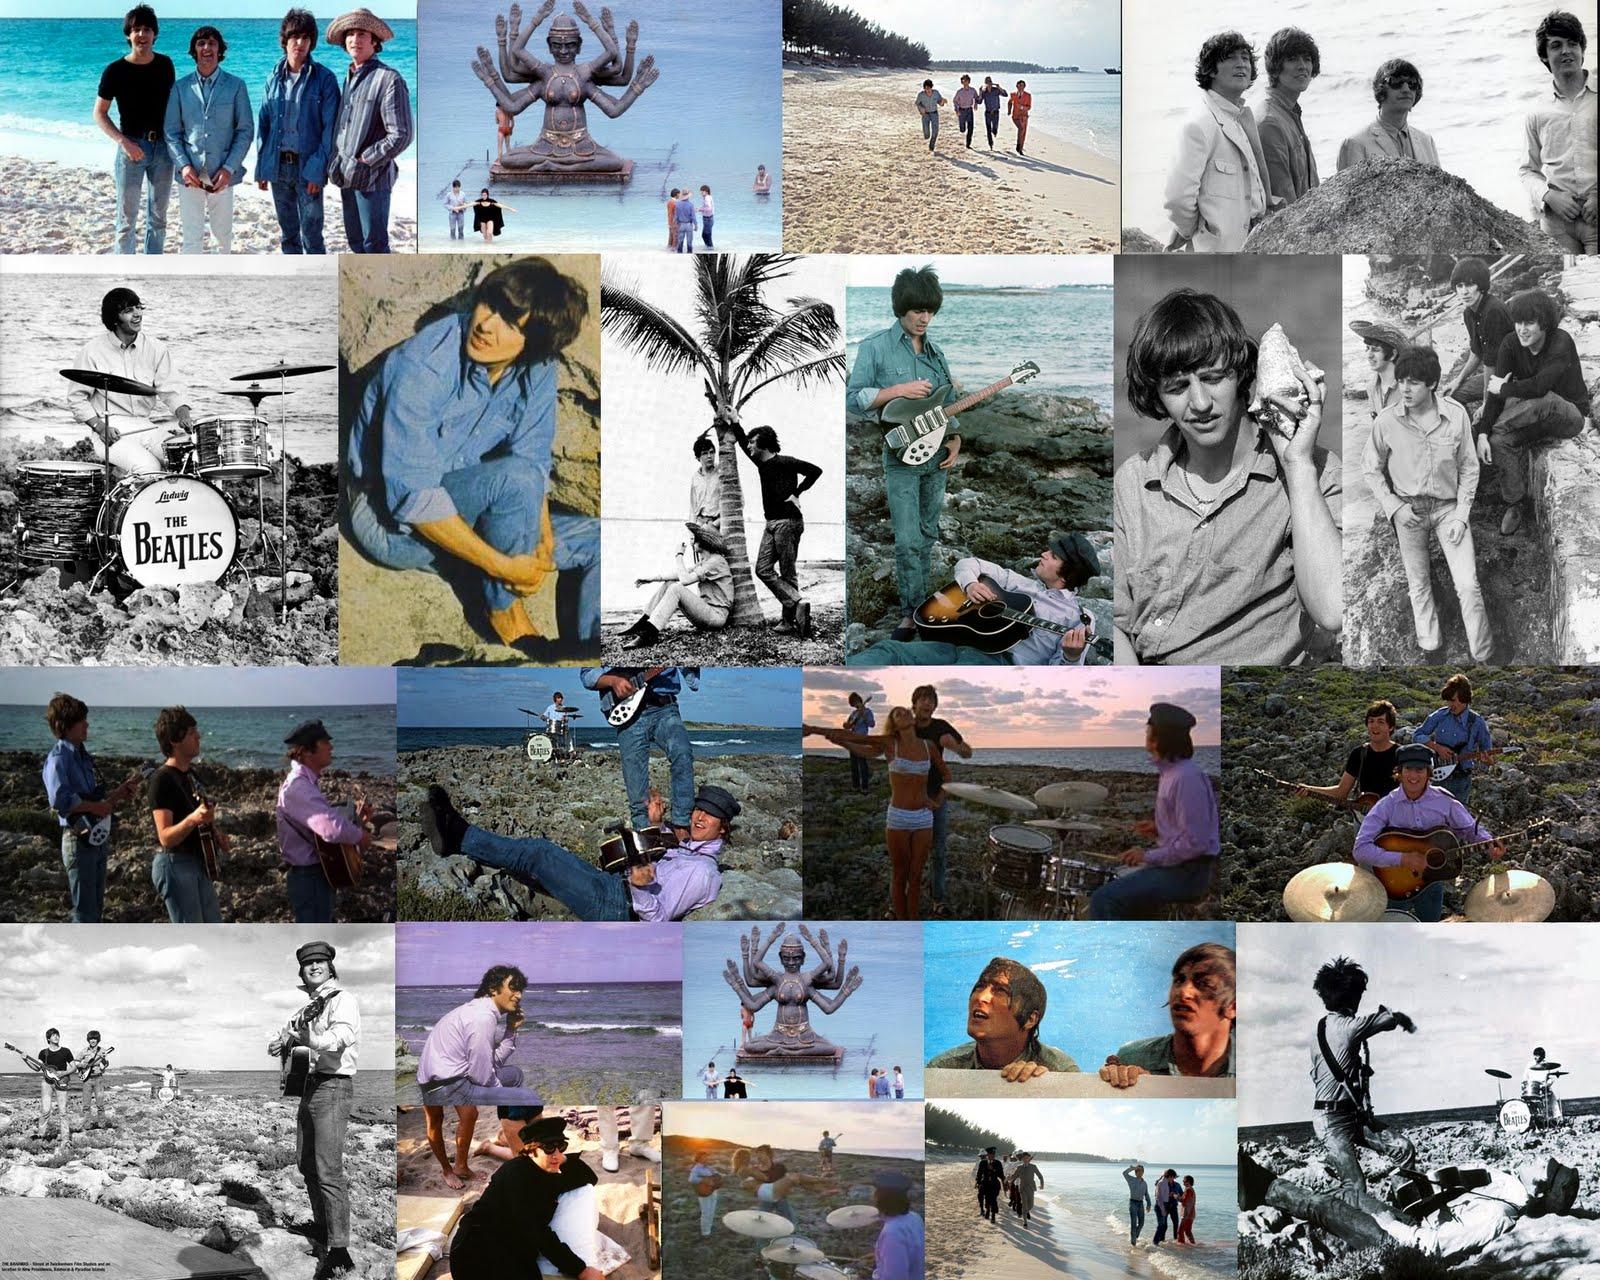 http://1.bp.blogspot.com/-sEm0lyxAOew/TfJ2vi3PJlI/AAAAAAAACqc/4zwyapjFces/s1600/Beatles+Help_ocean.jpg